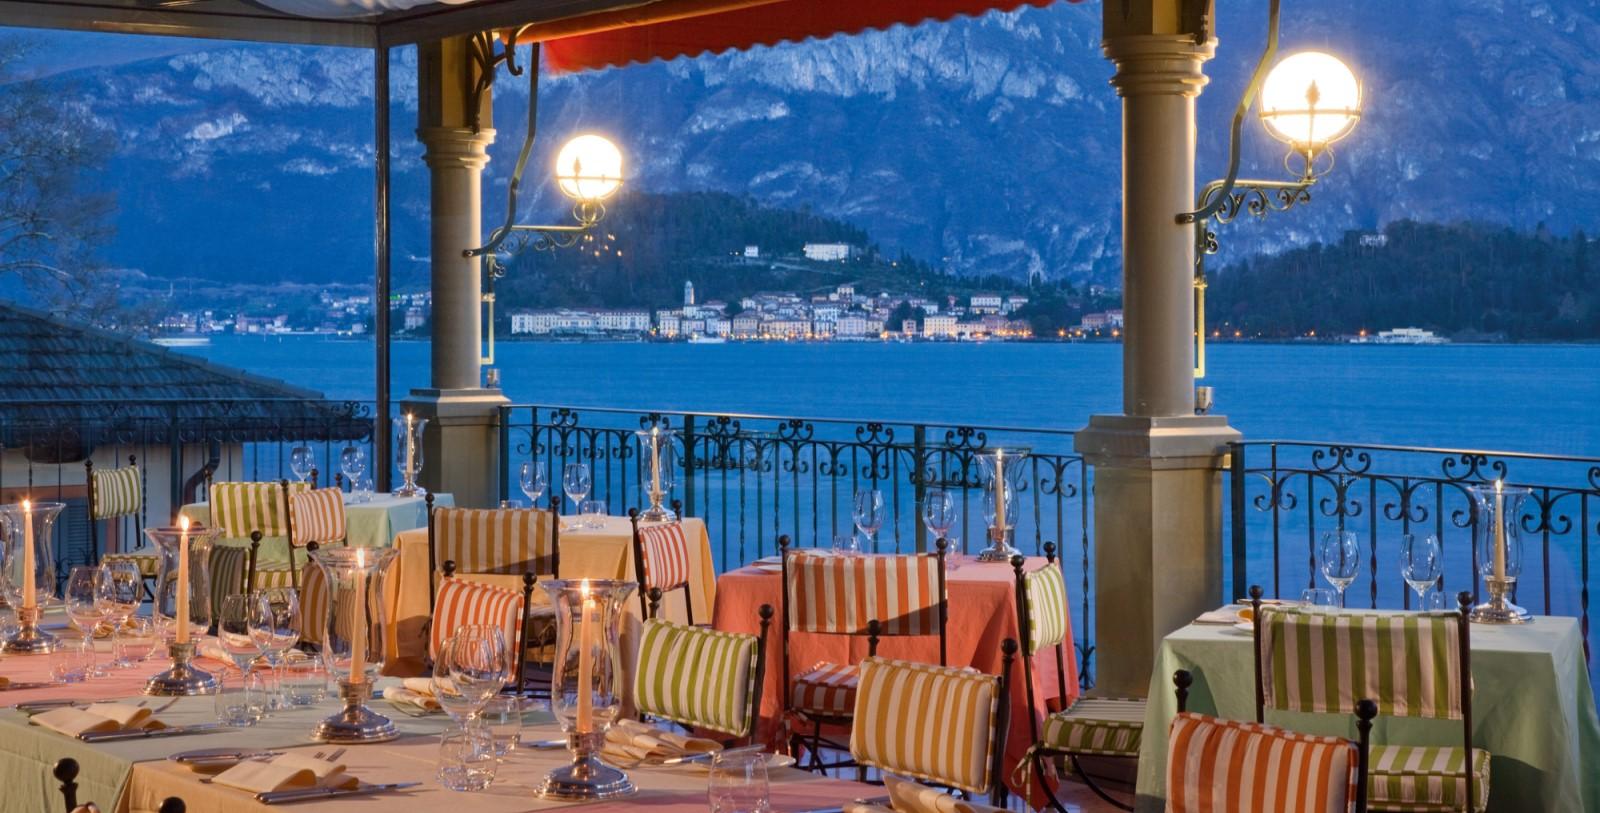 Image of La Terrazza Restaurant of the Grand Hotel Tremezzo in Tremezzo, Italy